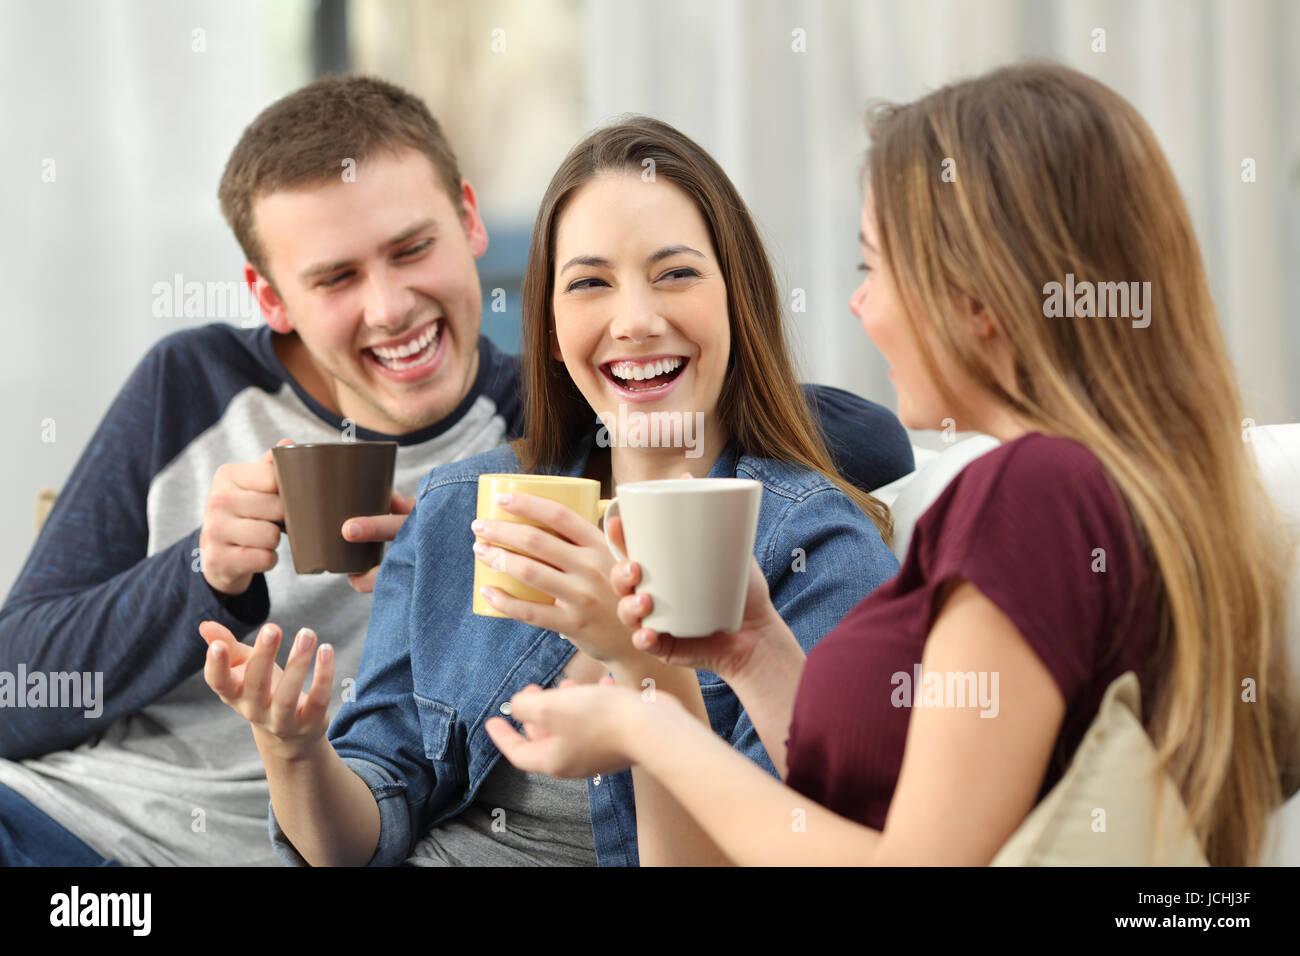 Tres amigos felices hablando y riéndose ruidosa celebración bebe sentado en un sofá en el salón Imagen De Stock